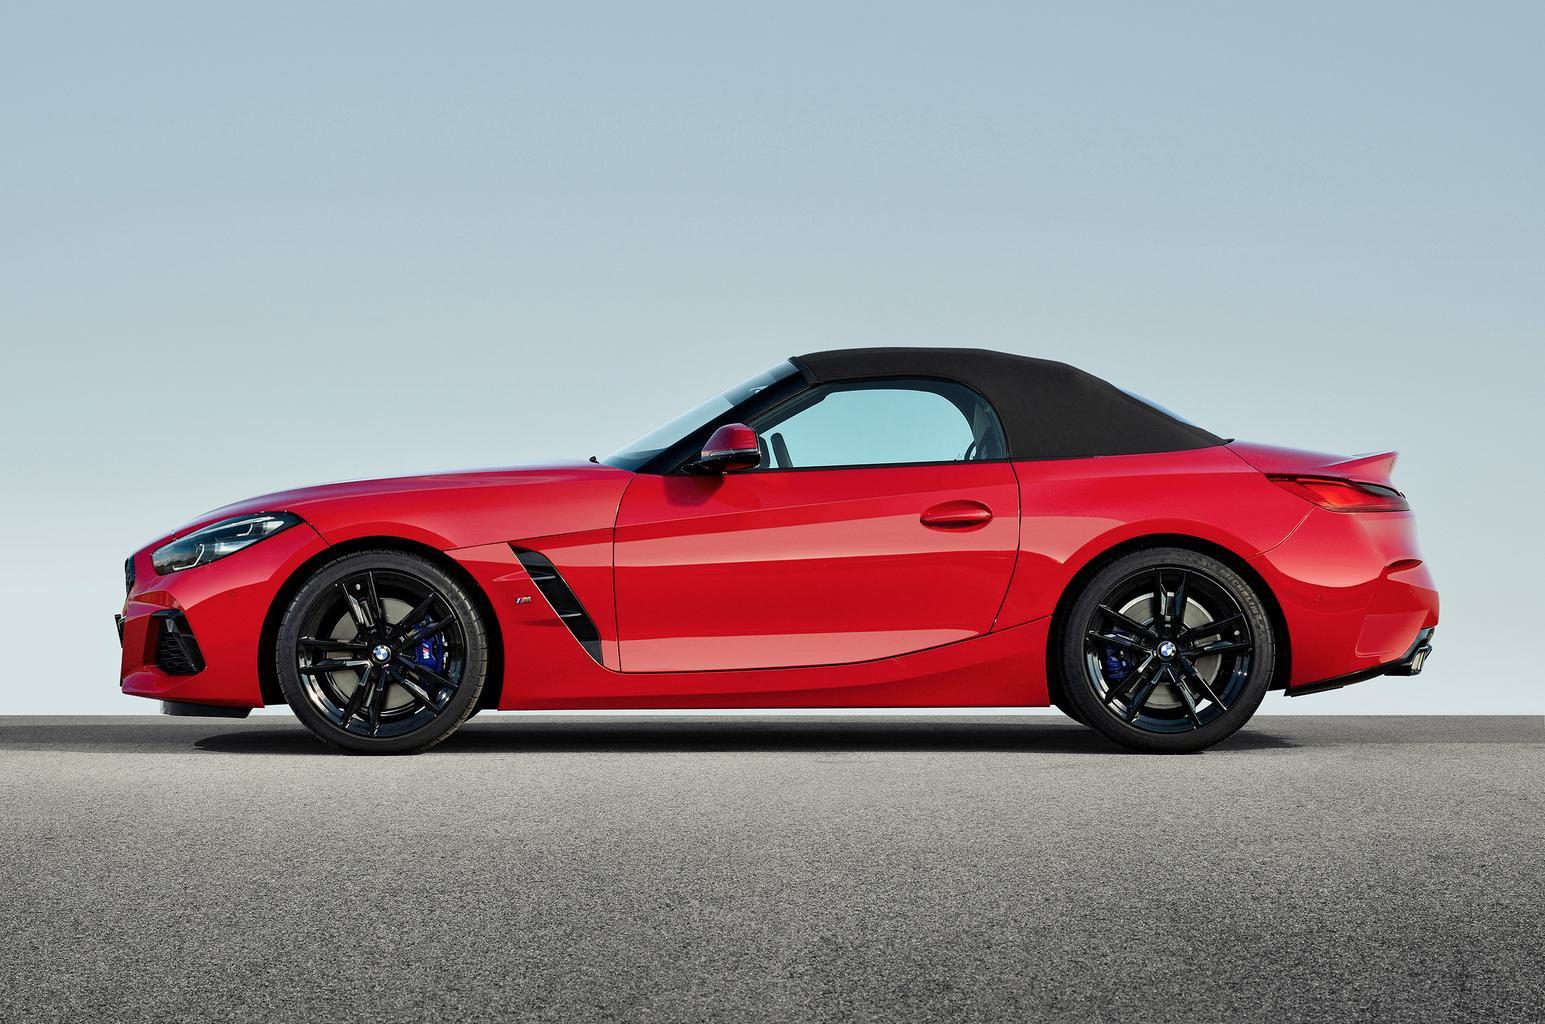 2019 BMW Z4 side